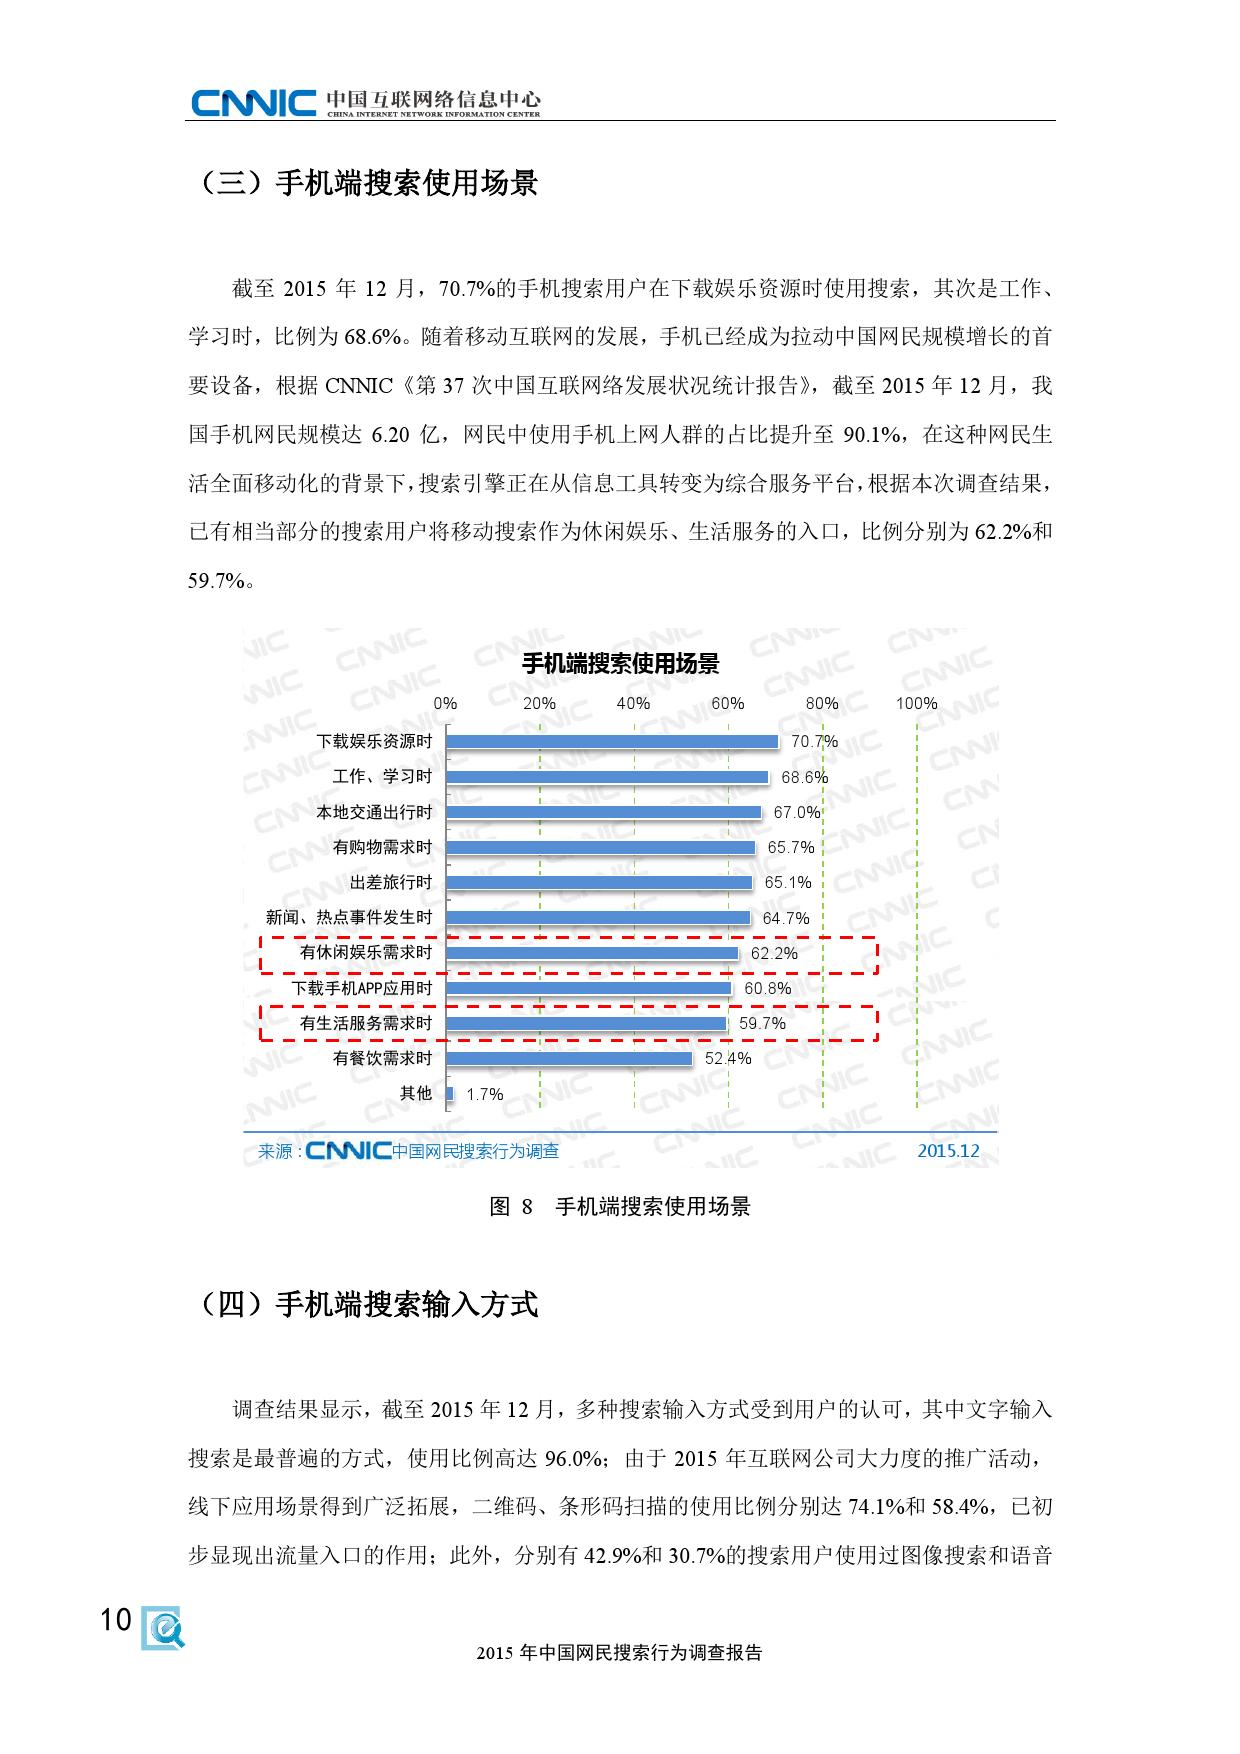 CNNIC:2015年中国网民搜索行为调查_000018